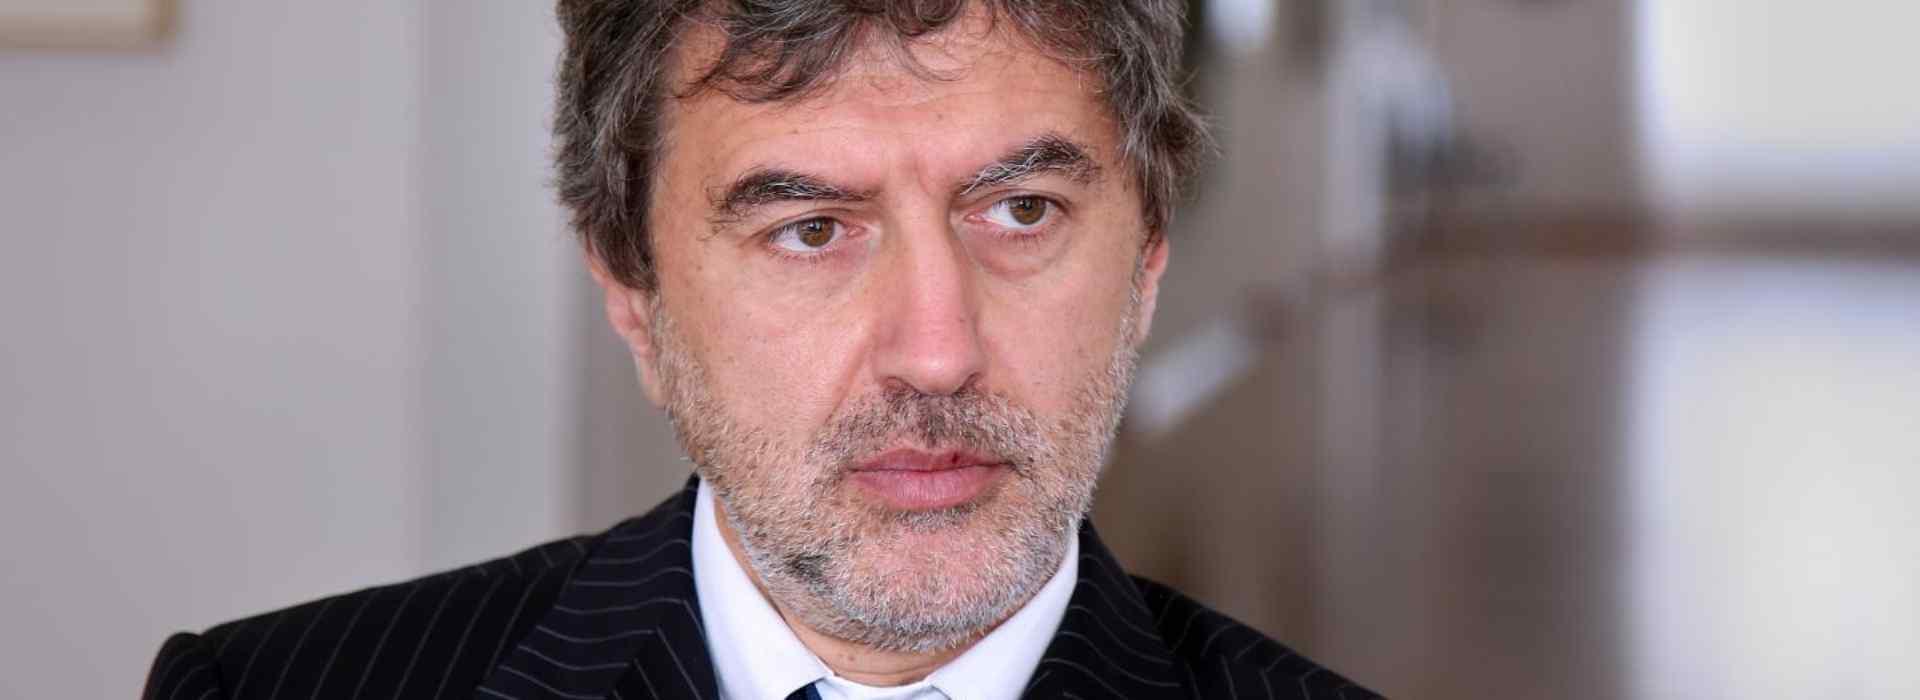 Marco Marsilio e il favore chiesto all'ex comandante dei Vigili di Roma, arrestato per corruzione